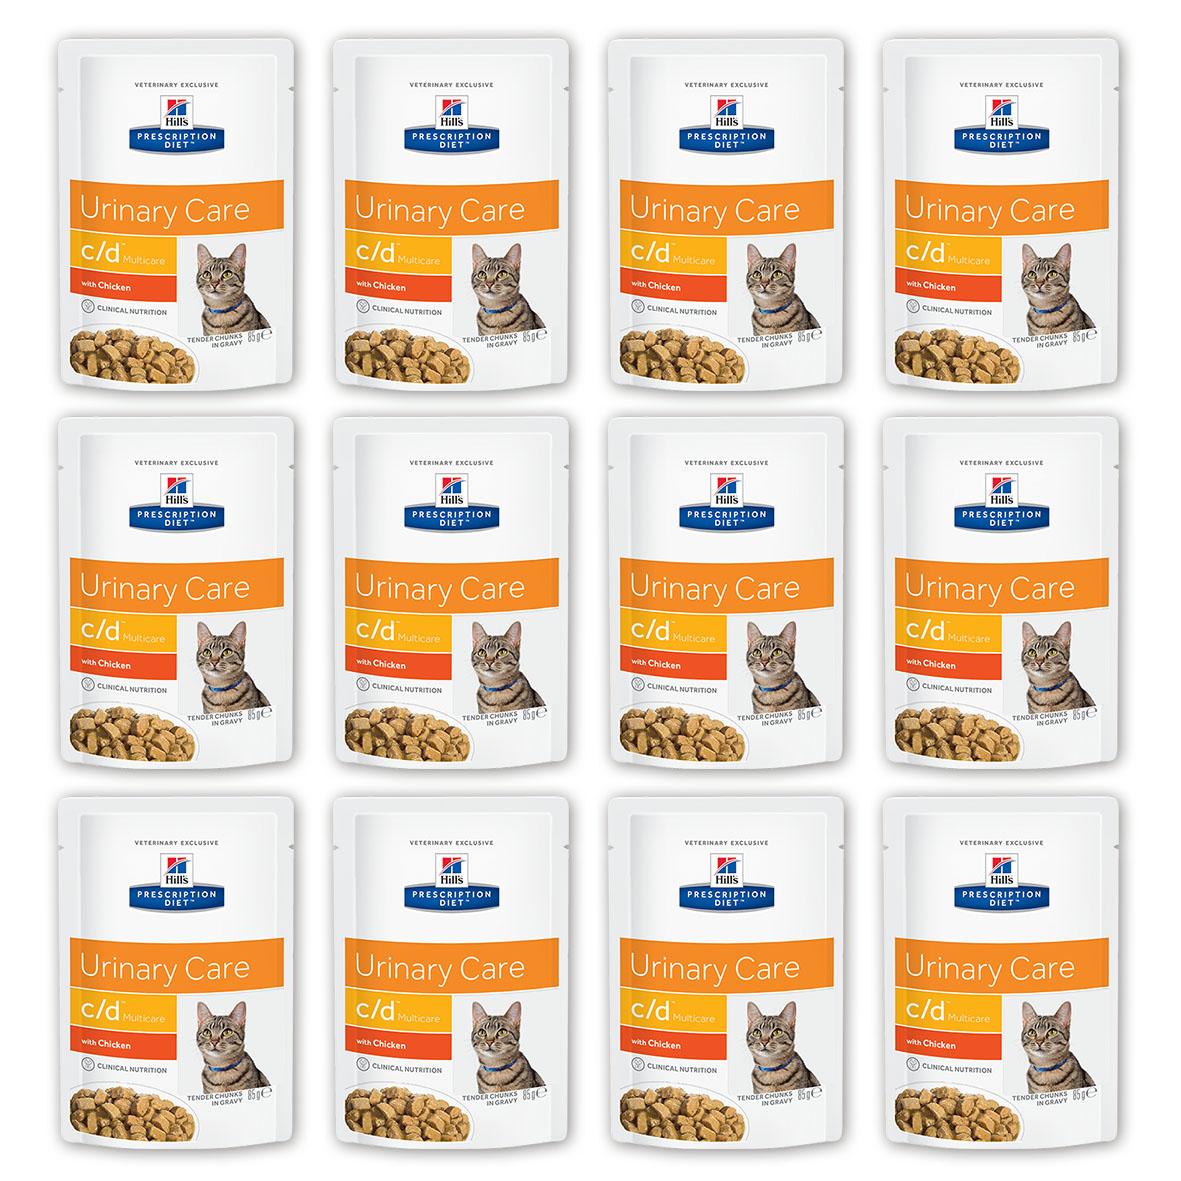 Консервы для кошек Hills Prescription Diet. C/D, для профилактики мочекаменной болезни, с курицей, 85 г, 12 шт3406_12Консервы для кошек Hills Prescription Diet. C/D рекомендуются на начальном этапе у кошек с любым типом заболеваний нижних отделов мочевыводящих путей, в том числе кристаллурией и/или уролитиазом любого генеза, уретральными пробками и идиопатическим циститом кошек. Подходят для долговременного использования для кошек, склонных к: - образованию струвитных кристаллов и уролитов, кристаллов и уролитов кальция оксалата и кальция фосфата (снижение появления и частоты рецидивов); - формированию уретральных пробок (почти всегда вызванных кристаллами струвита или кальция фосфата); - идиопатическому циститу (в этом случае особенно рекомендуется к применению консервированный рацион или пауч Hills Prescription Diet c/d Multicare Feline). Не рекомендуется: - Котятам. - Беременным и кормящим кошкам. - Кошкам, получающим вещества, закисляющие мочу.Дополнительная информация: - Клинически доказано: растворяет струвиты всего за 14 дней. - Не рекомендуется дополнительно давать вещества, закисляющие мочу. - Необходимо контролировать состав мочи, чтобы гарантировать поддержание необходимого значения рН, при необходимости - исключить инфекцию мочевыводящих путей. Ключевые преимущества: - Сниженное содержание магния, кальция и фосфора снижает концентрацию компонентов струвита в моче (магния и фосфата), а также кальция и оксалата. - Контролируемое содержание натрия помогает поддерживать нормальную функцию почек. - Добавленный цитрат формирует растворимые комплексы с кальцием для ингибирования (замедления) образования оксалата кальция. - Витамин Е и бета-каротин нейтрализуют действие свободных радикалов, участвующих в развитии уролитиаза. - Исключен витамин С, так как является прекурсором оксалатов. - pH мочи 6.2-6.4 препятствует образованию и агрегации кристаллов струвита, не инициируя формирование оксалатных кристаллов. - Рекомендуем смешанное питание Hills Prescription Die